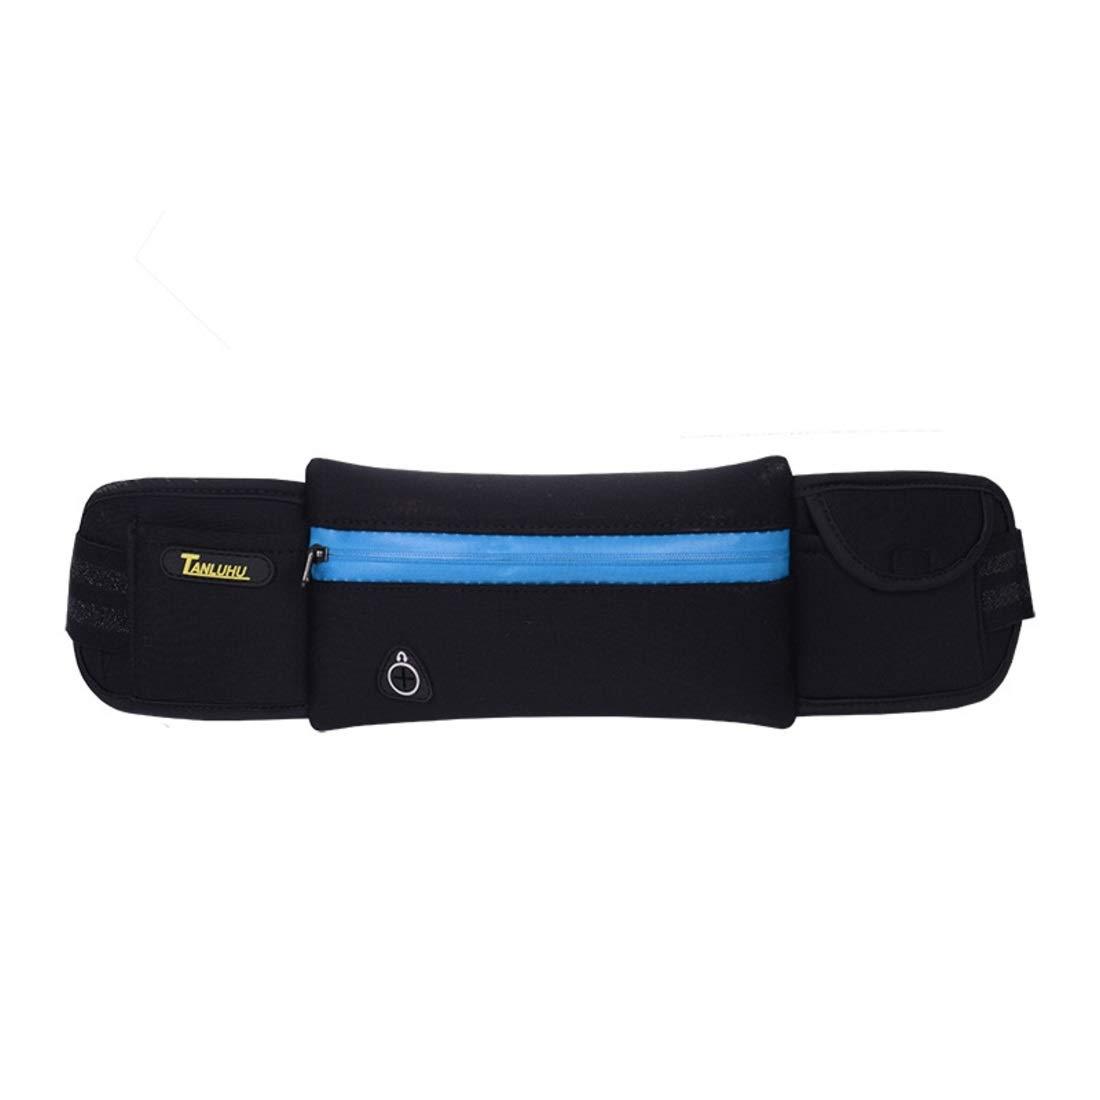 Igspfbjn Cinturón para Correr al Aire Libre Cinturón de Nylon Impermeable Bolsa de Seguridad Cinturón de Seguridad Cinturón de Jogging Teléfono móvil Bolsa para Caminar Vacaciones Senderismo Ciclismo